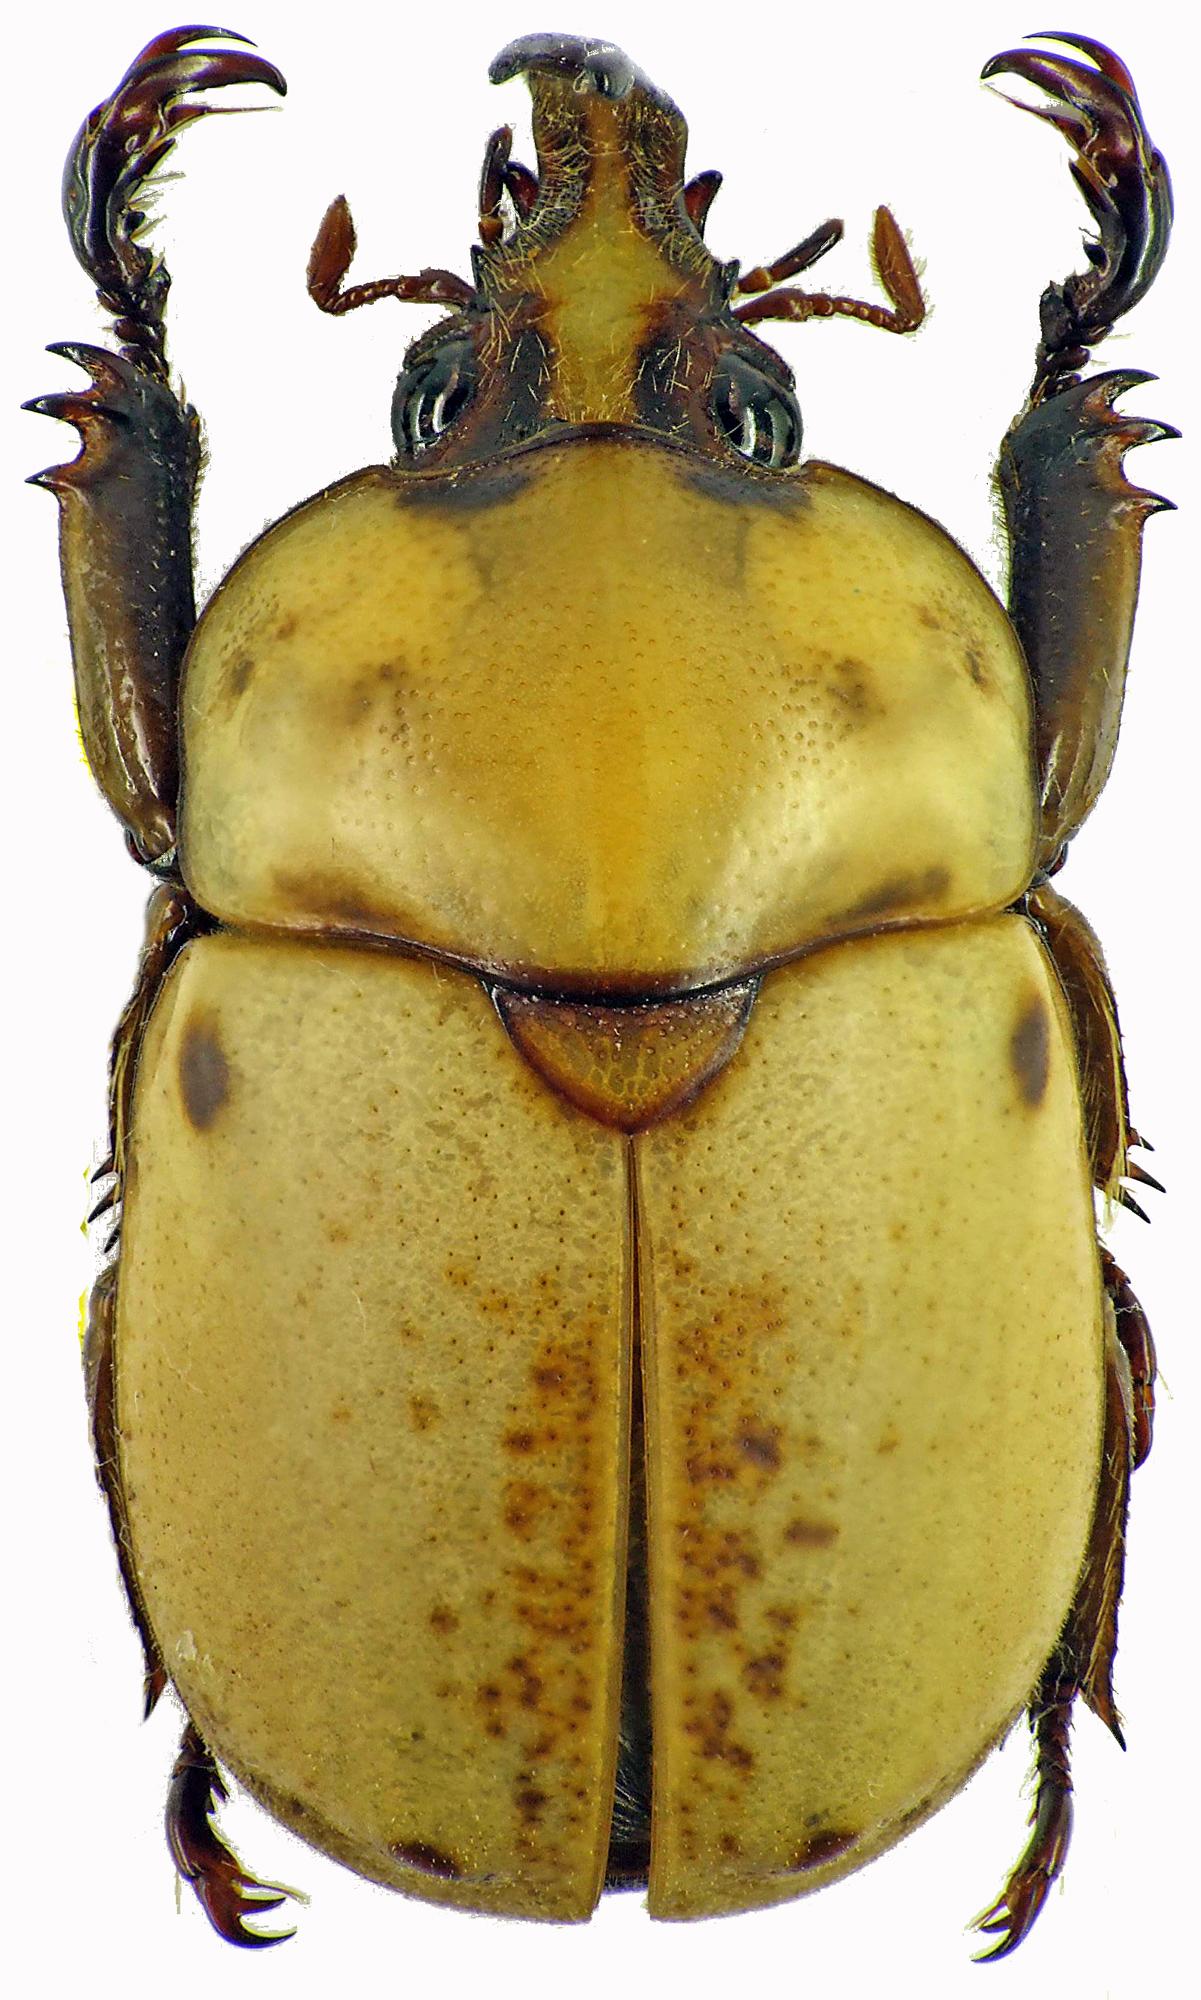 Ceroplophana modiglianii borneensis 28300cz04.jpg